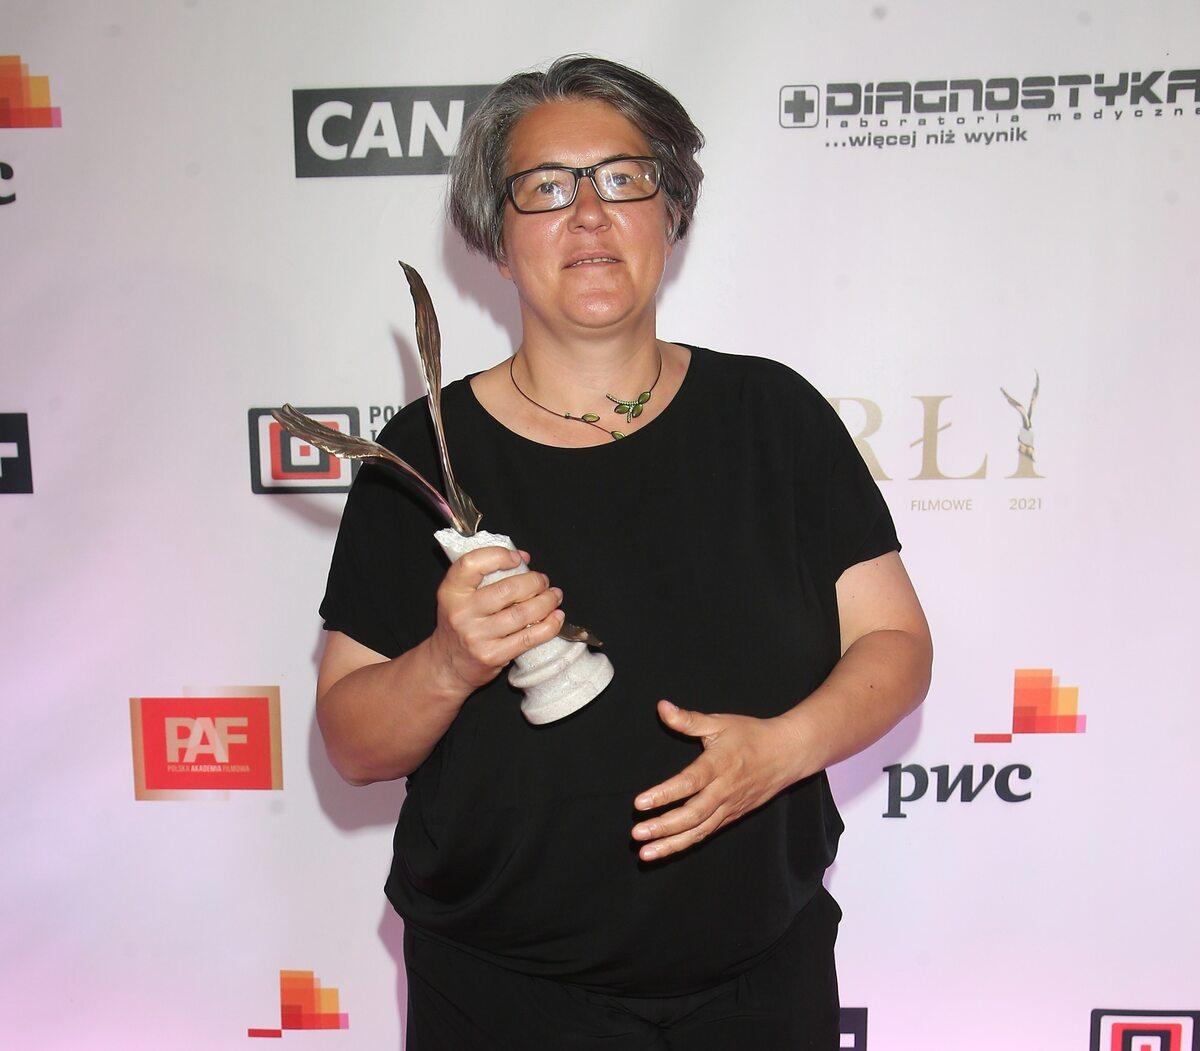 Orły 2021 – Katarzyna Adamik